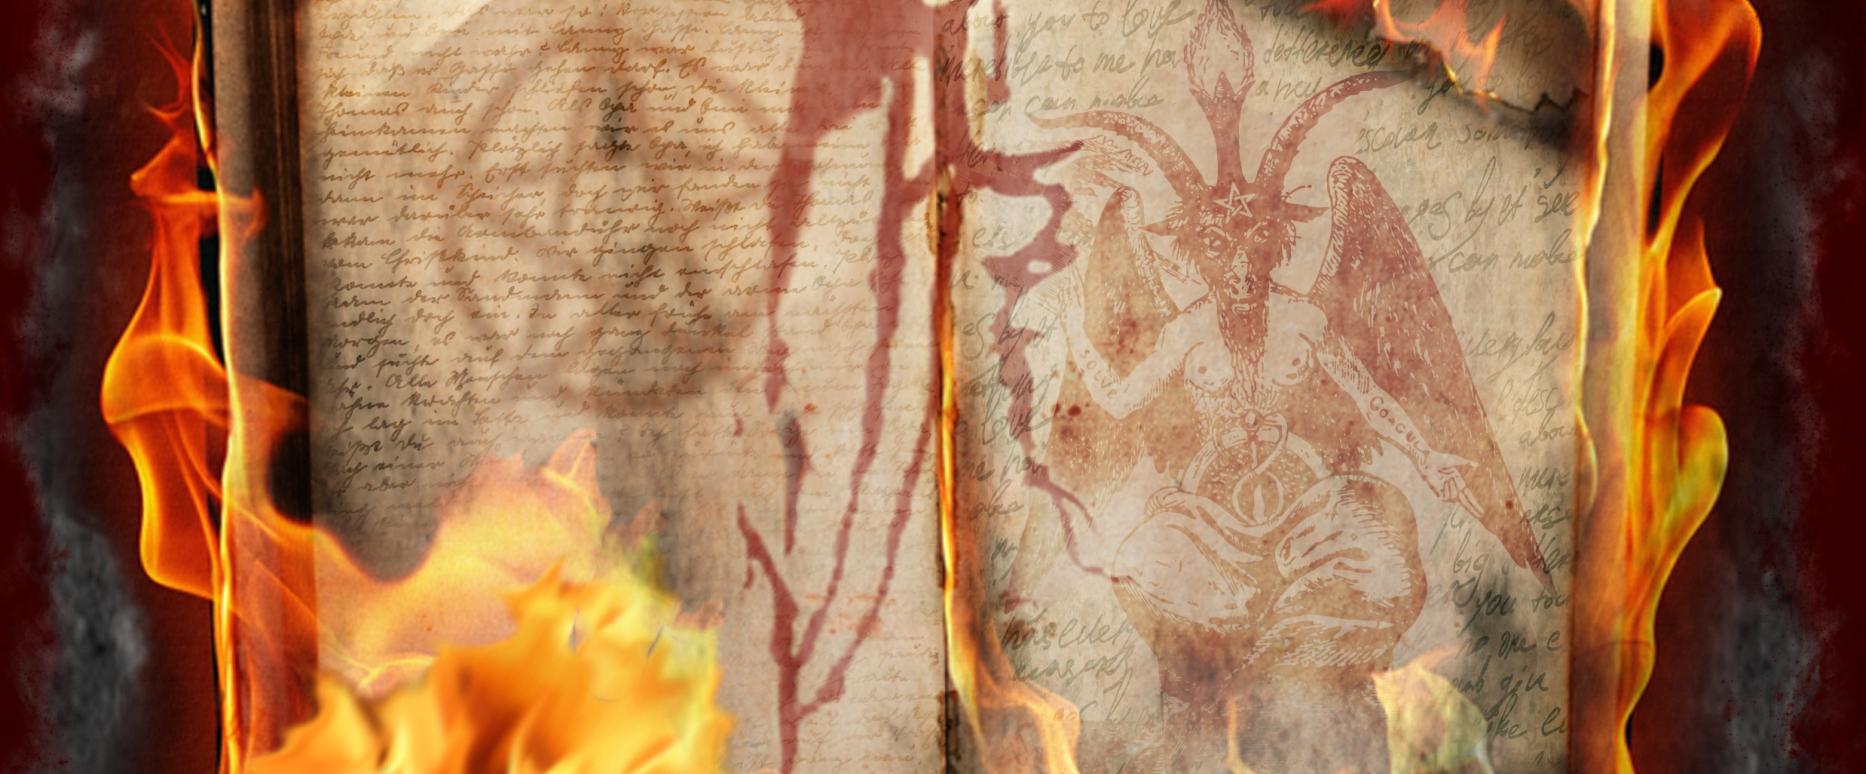 Les 5 feux de l'alchimiste